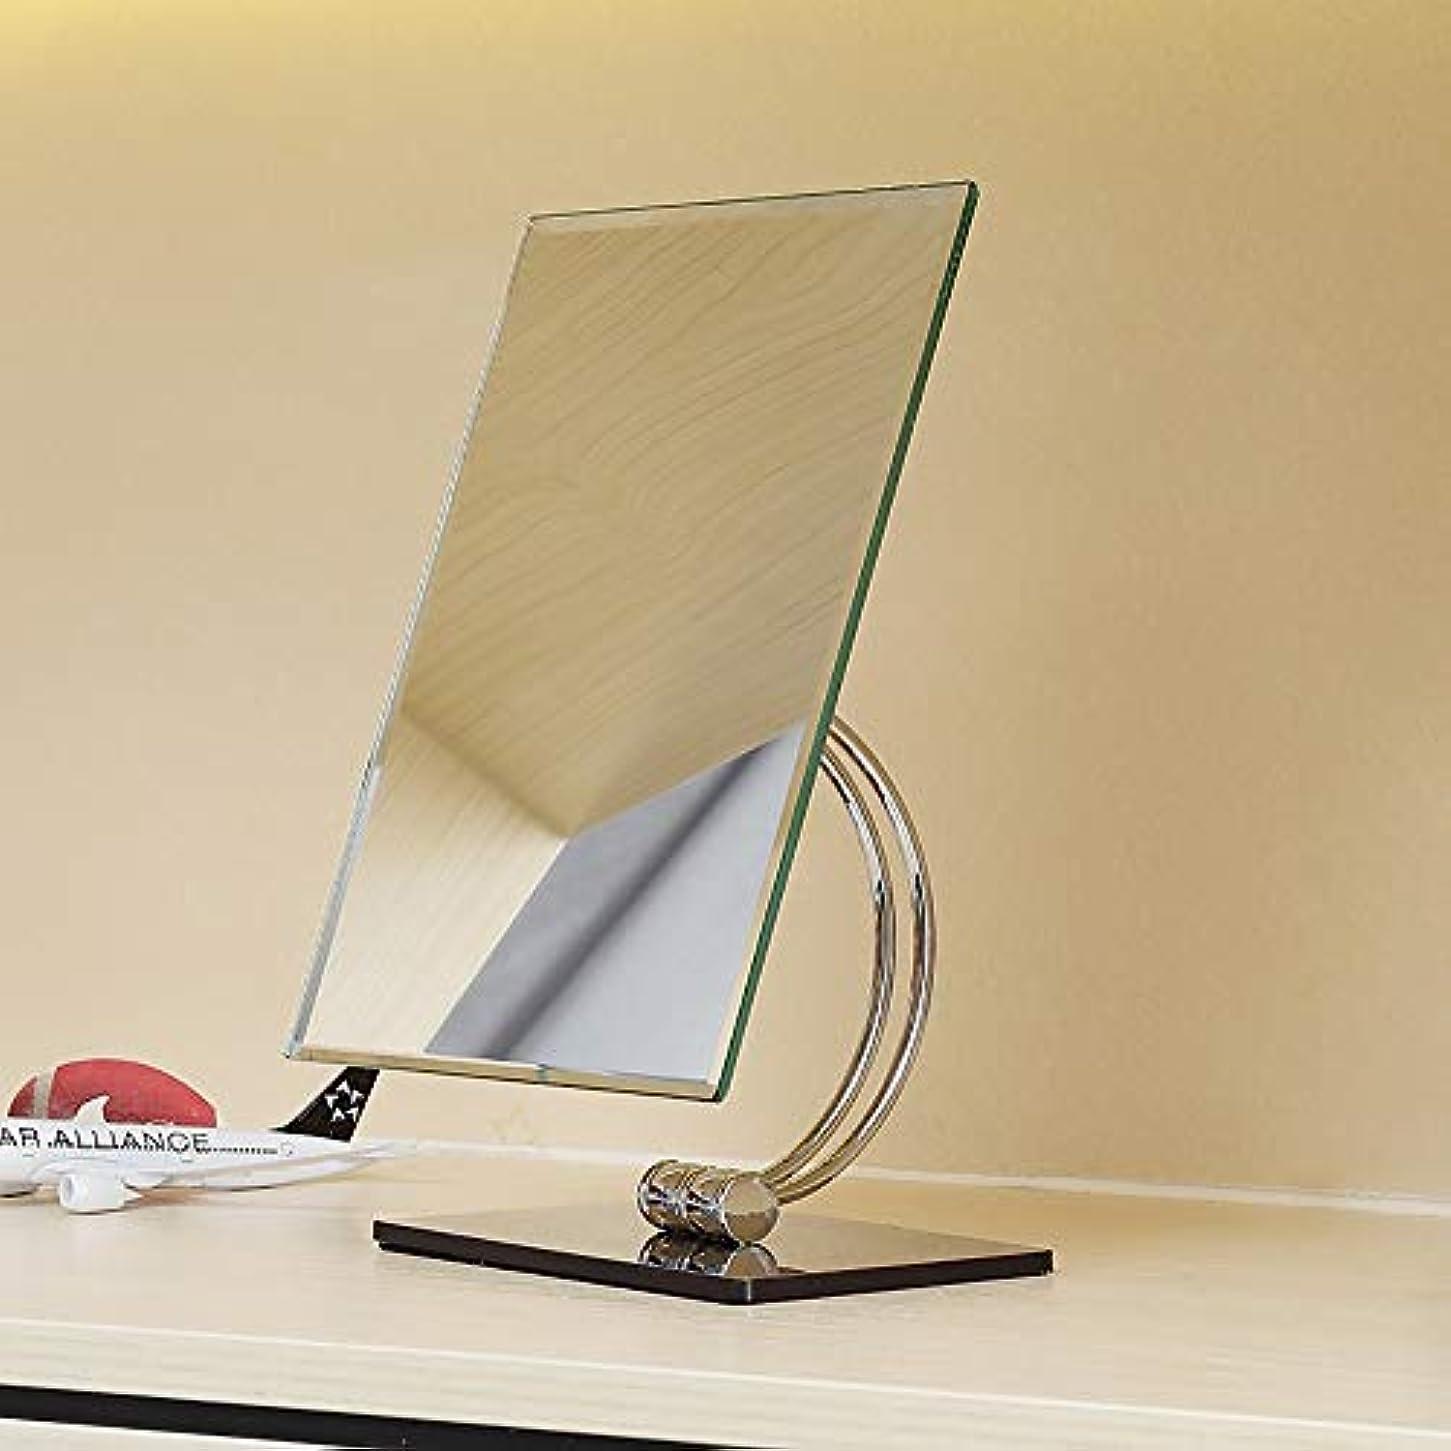 逃れる預言者首尾一貫した流行の スクエア片面HDステンレススチールシルバーミラー+ ABSプラスチックシェル化粧鏡ホームバニティミラーカウンターミラー